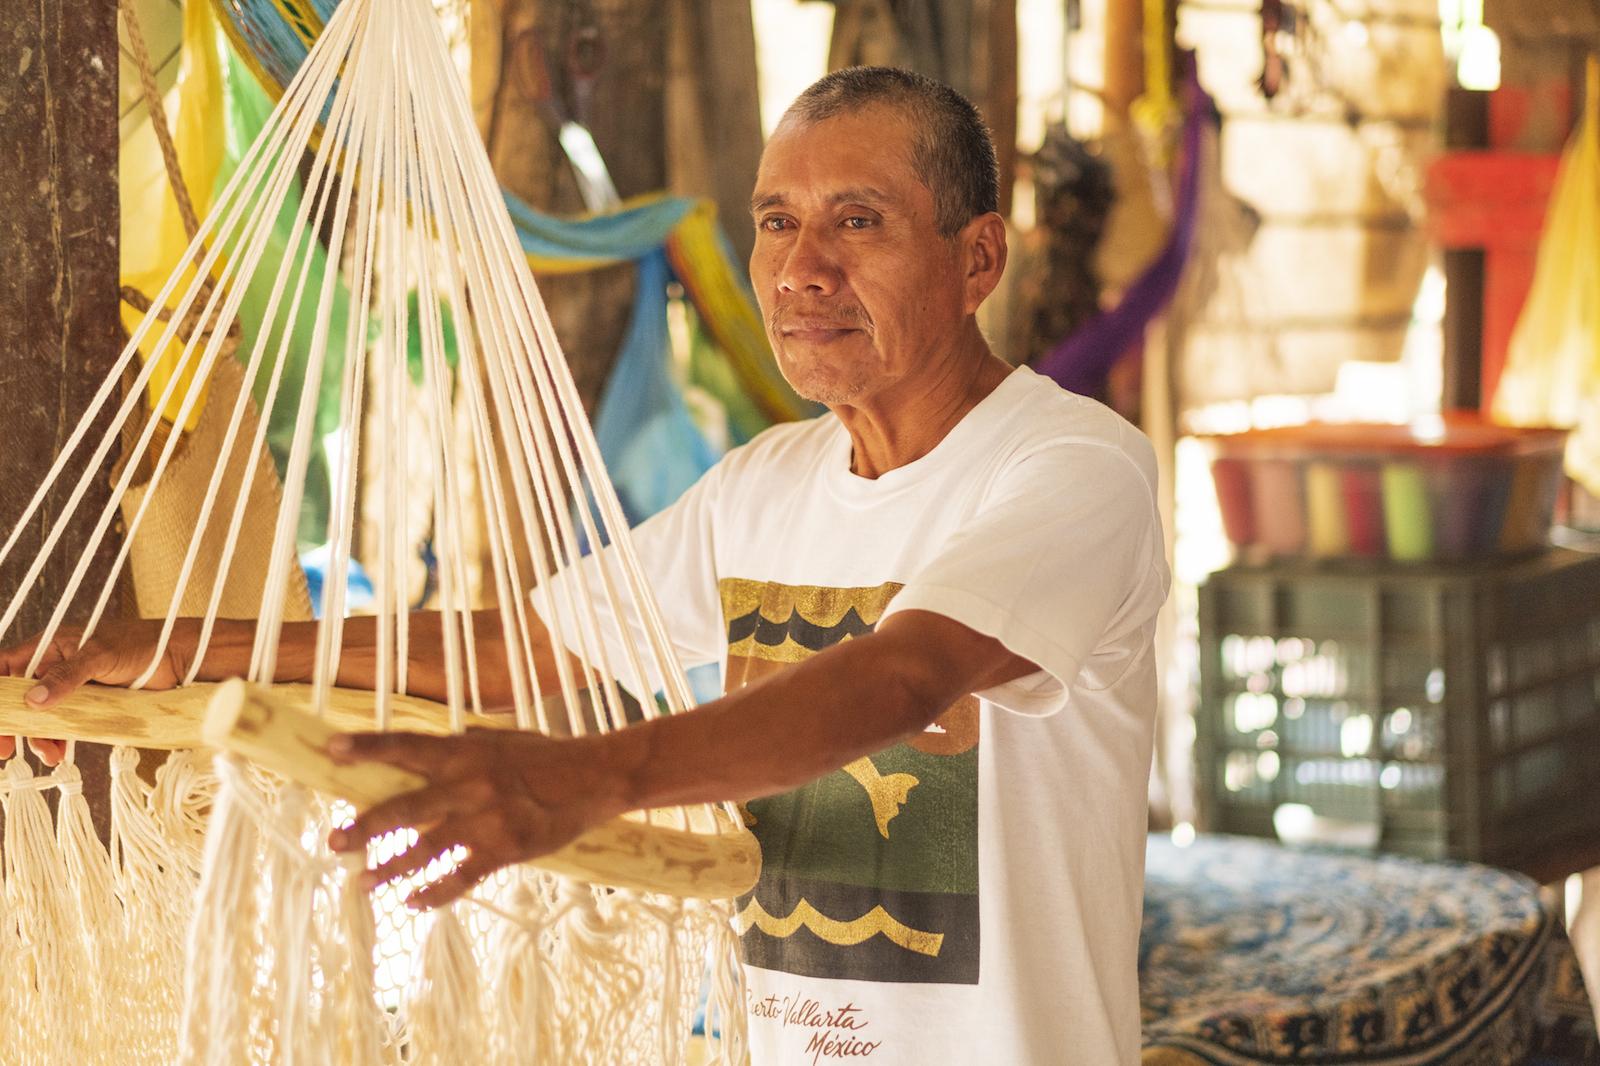 Moisés; partner; handicraft